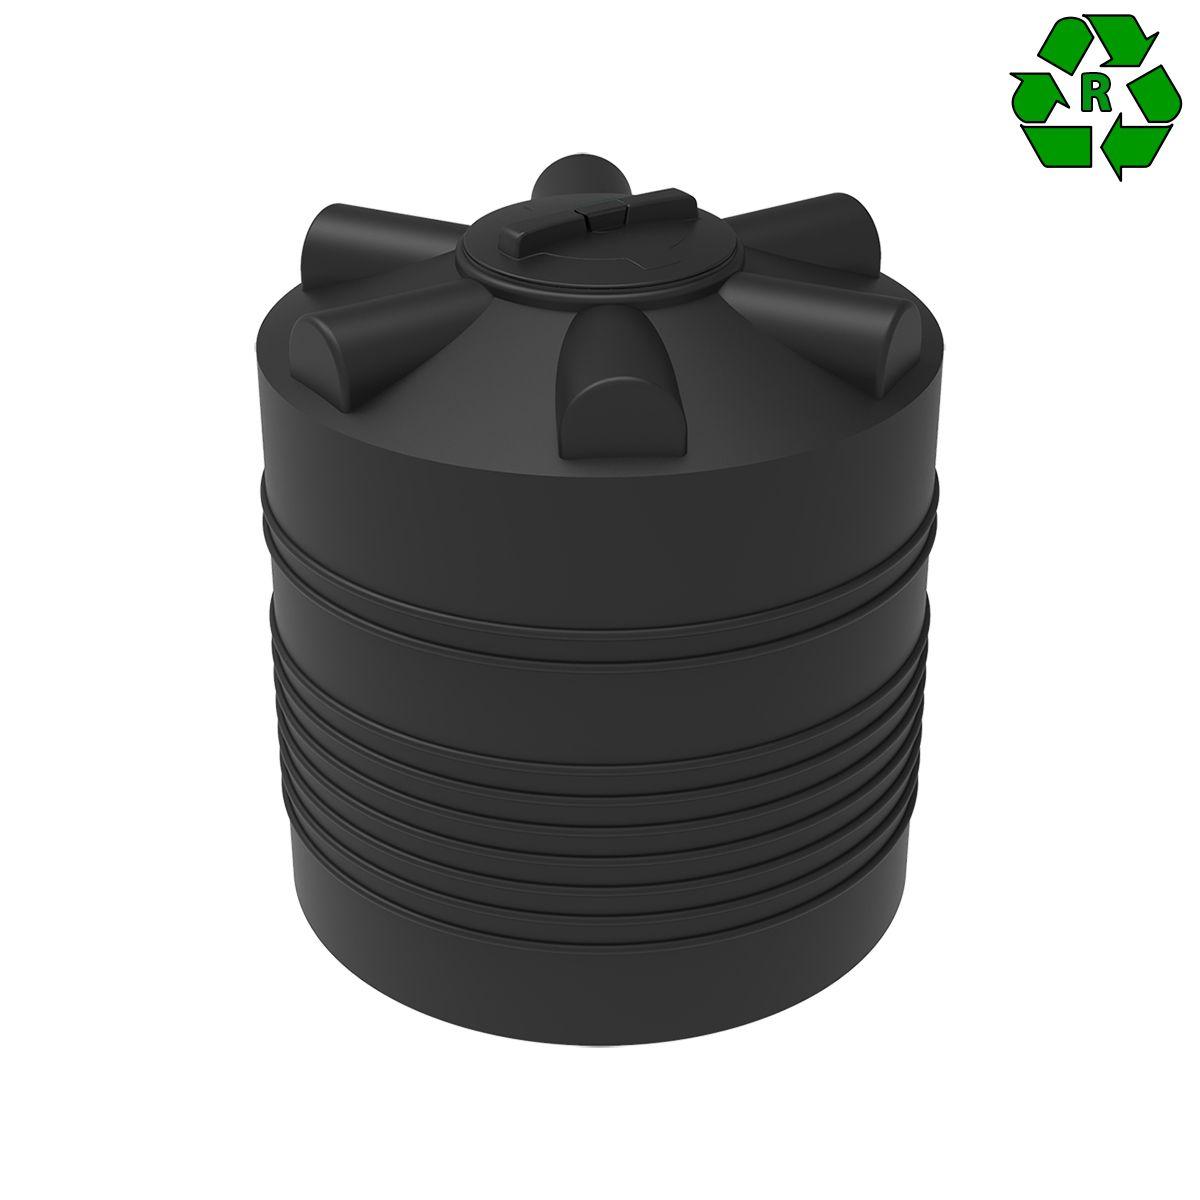 Емкость R ЭВЛ 500 литров пластиковая